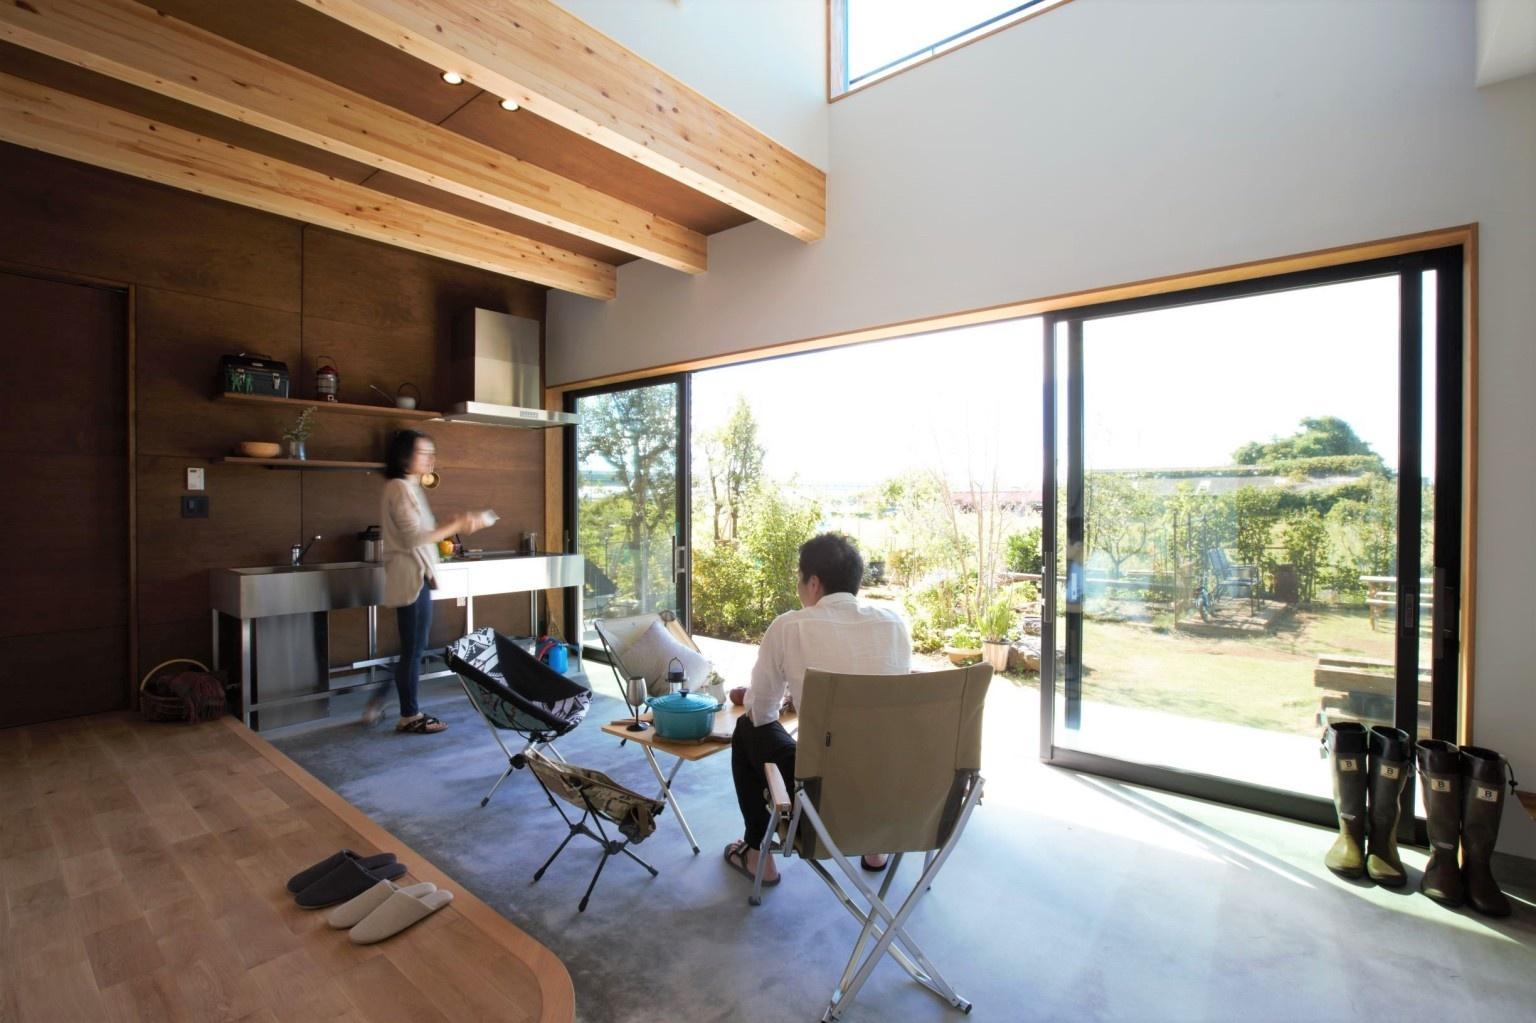 大空間と繋がる土間玄関の二世帯住宅